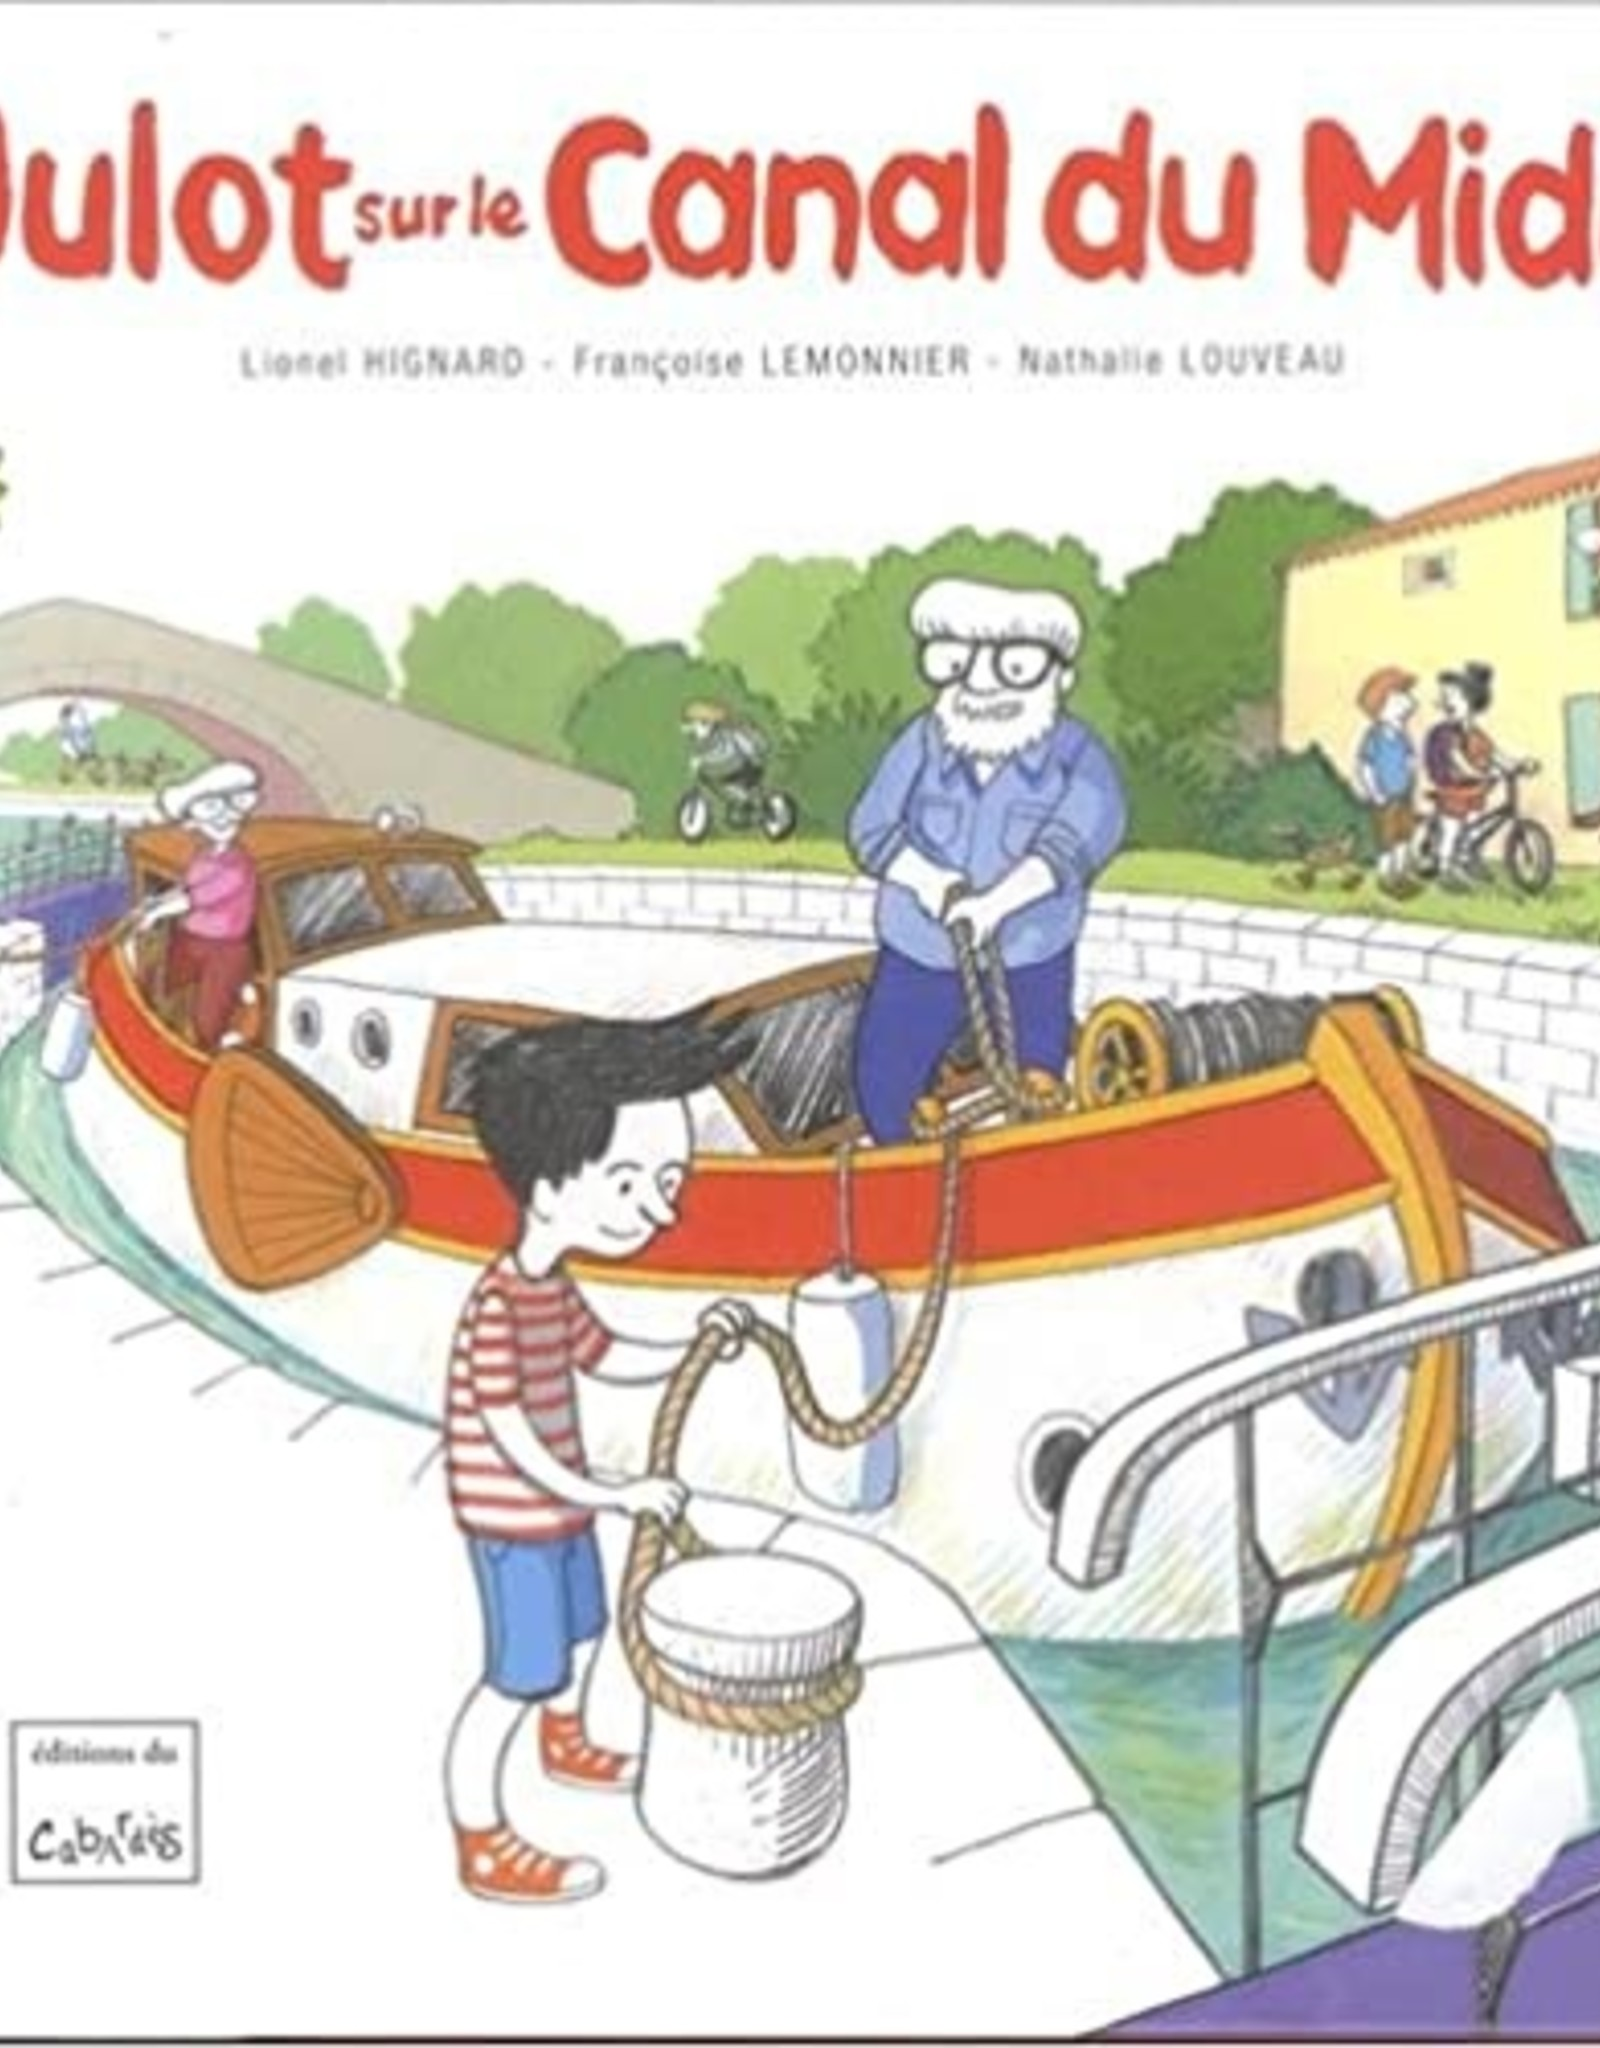 Canal du Midi L-Julot sur le canal du midi FR